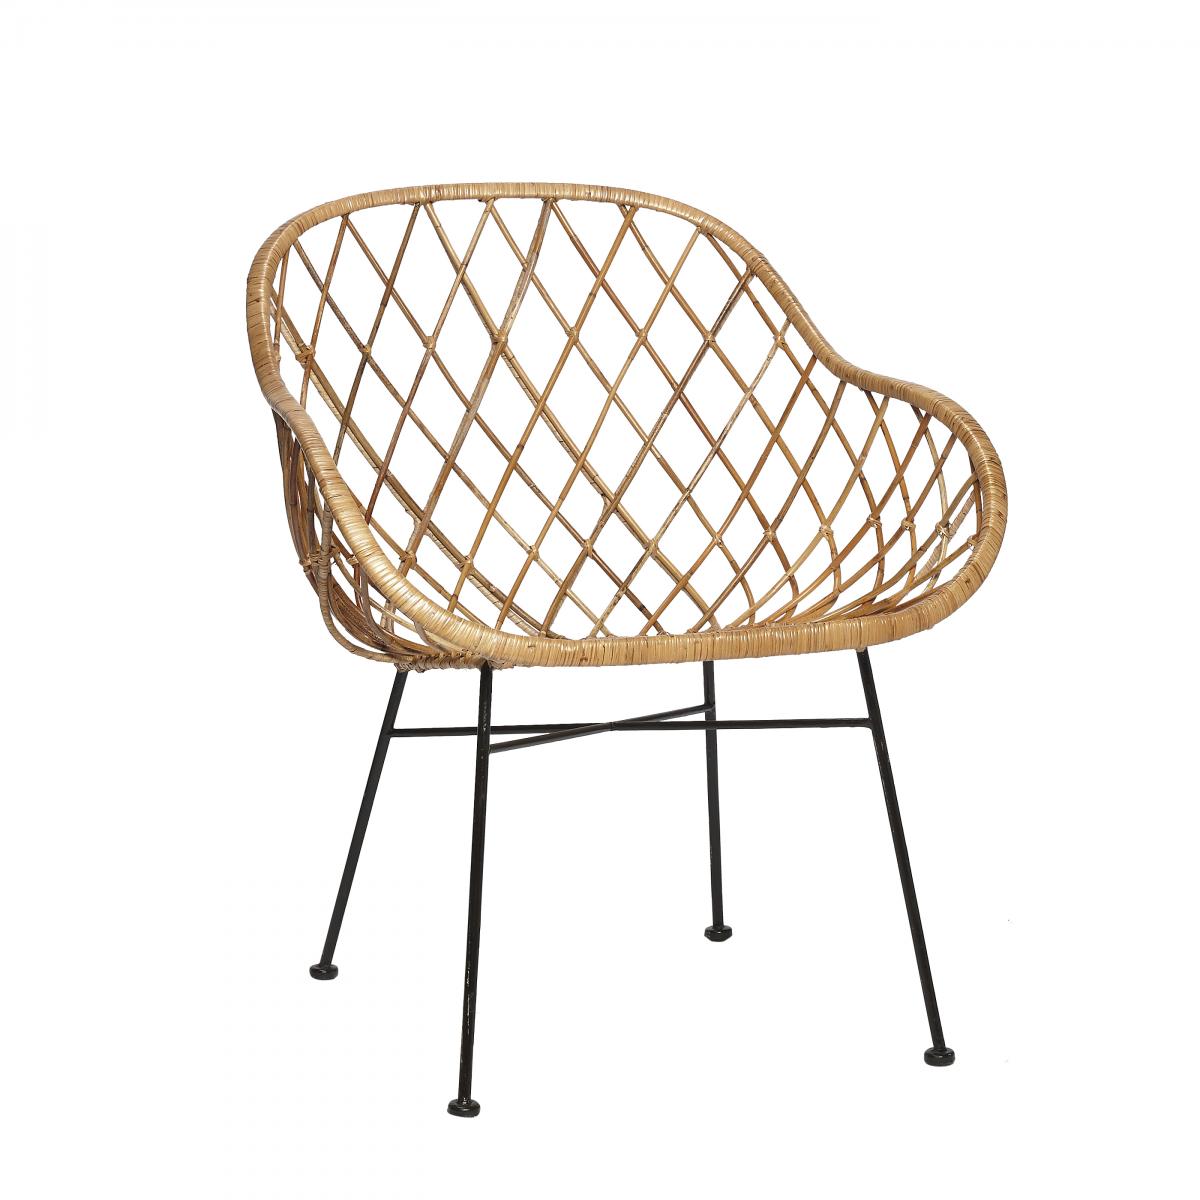 Chaise En Rotin Naturel Losanges Avec Accoudoirs65x66xh77cm Hubsch Rattan Chair Rattan Armchair Rattan Lounge Chair